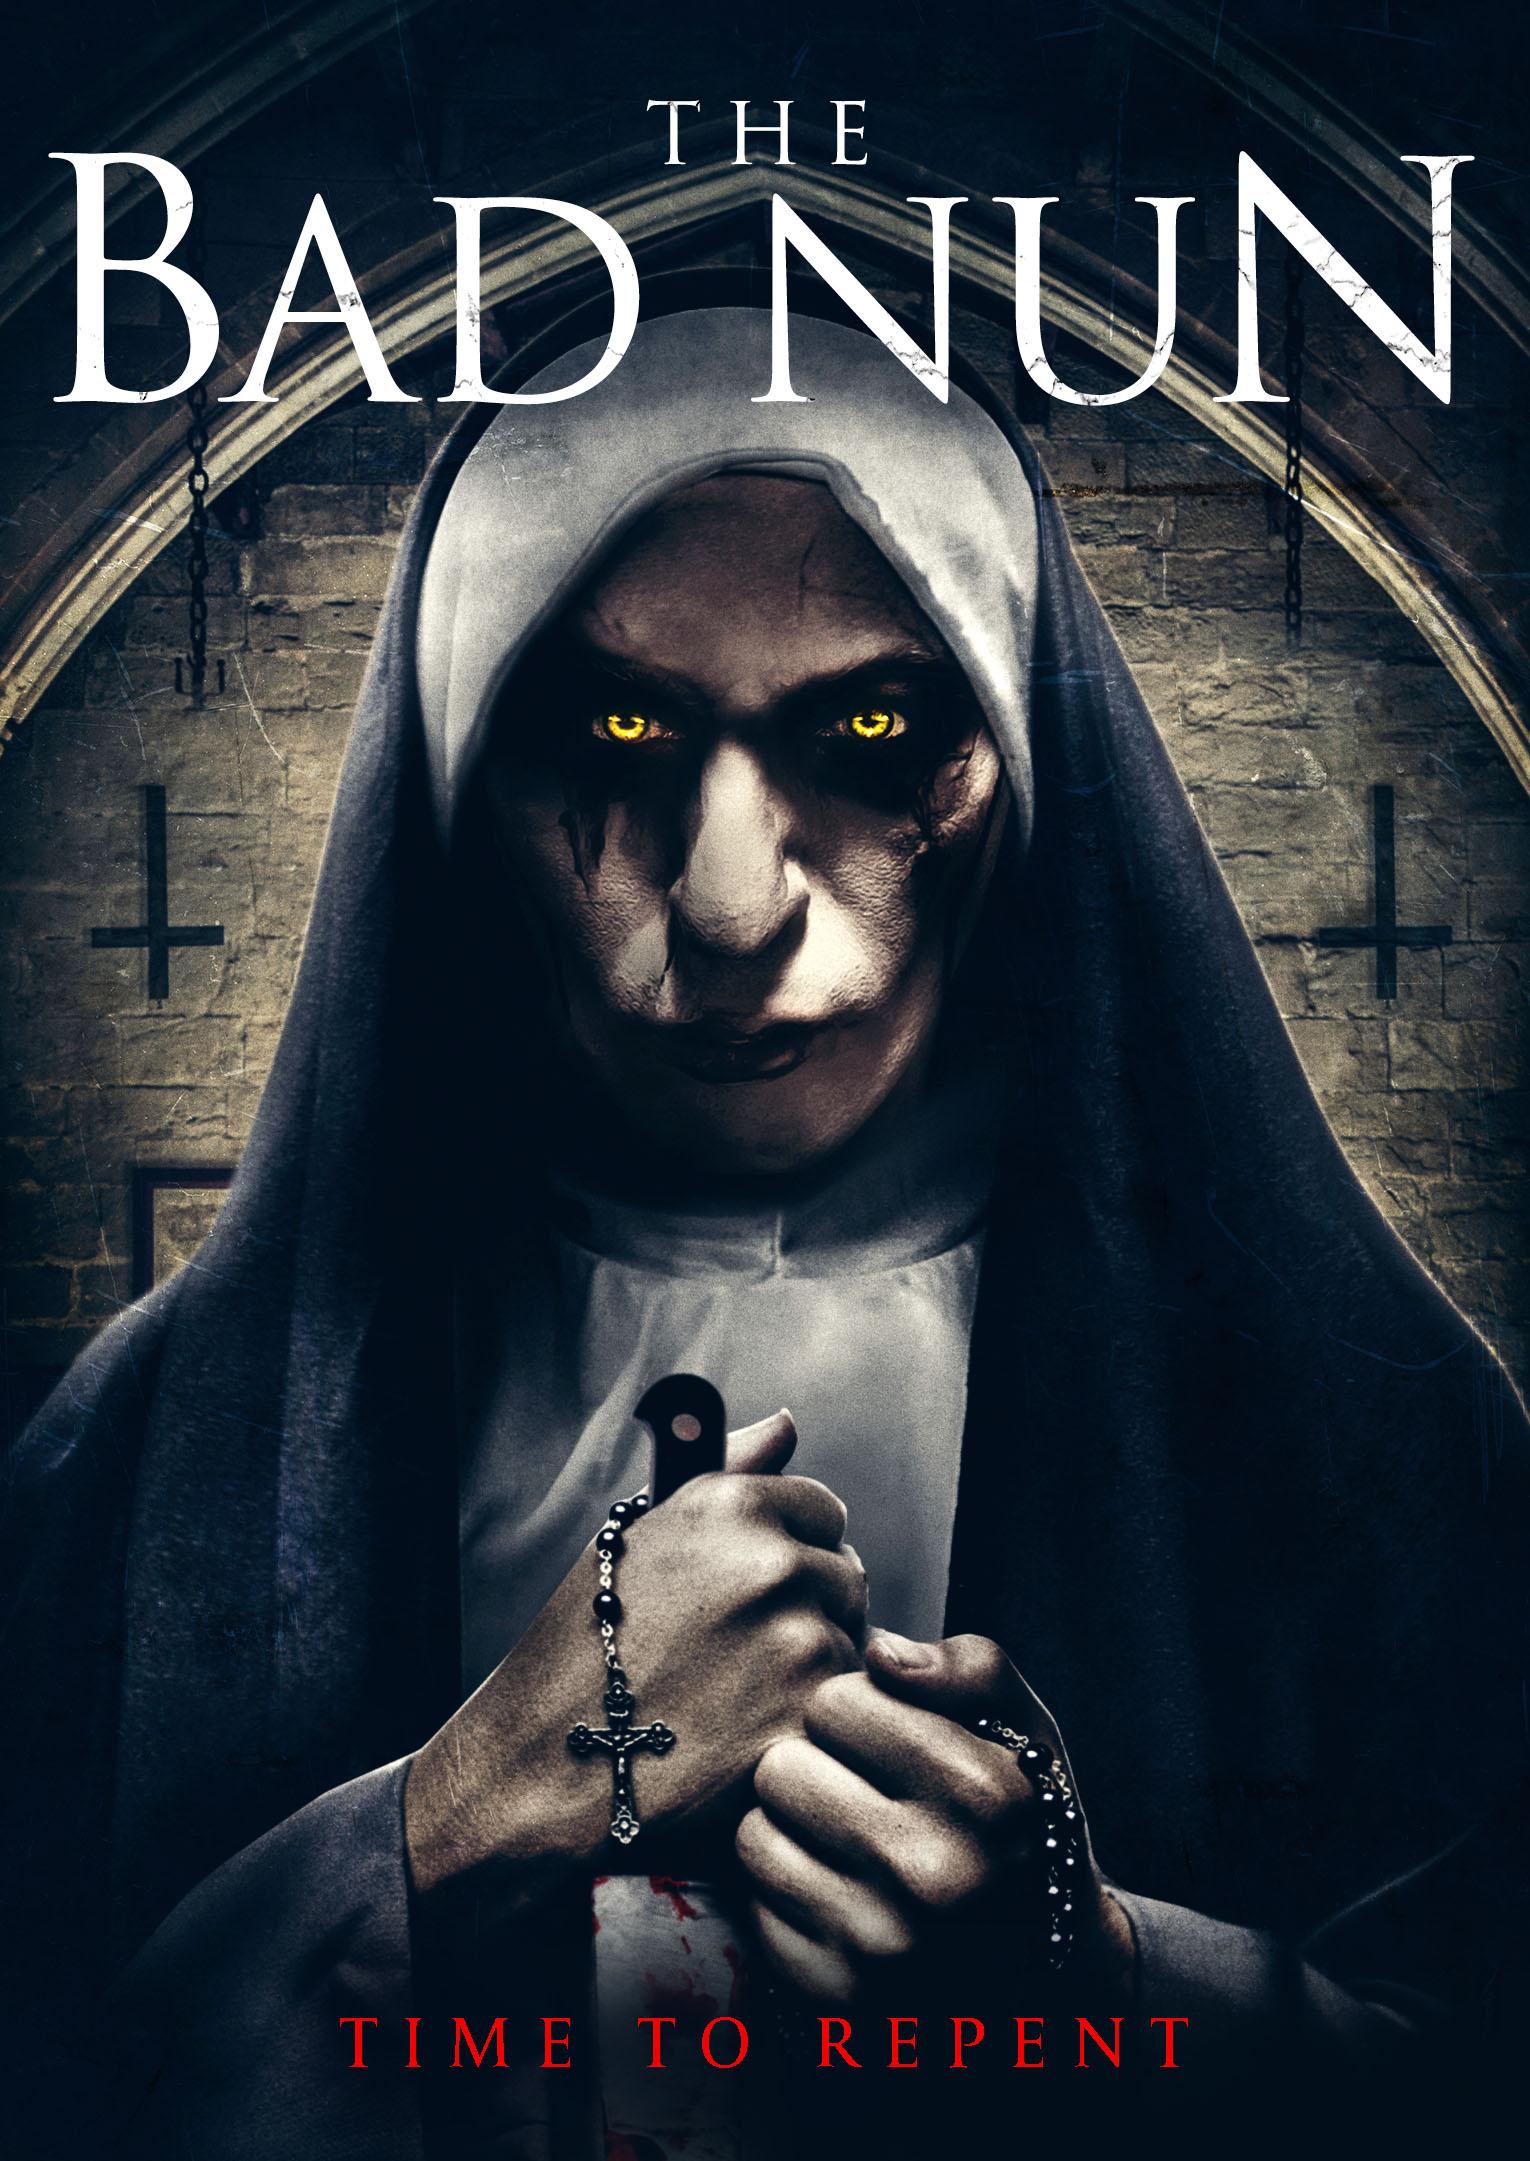 The Bad Nun 2018 Imdb